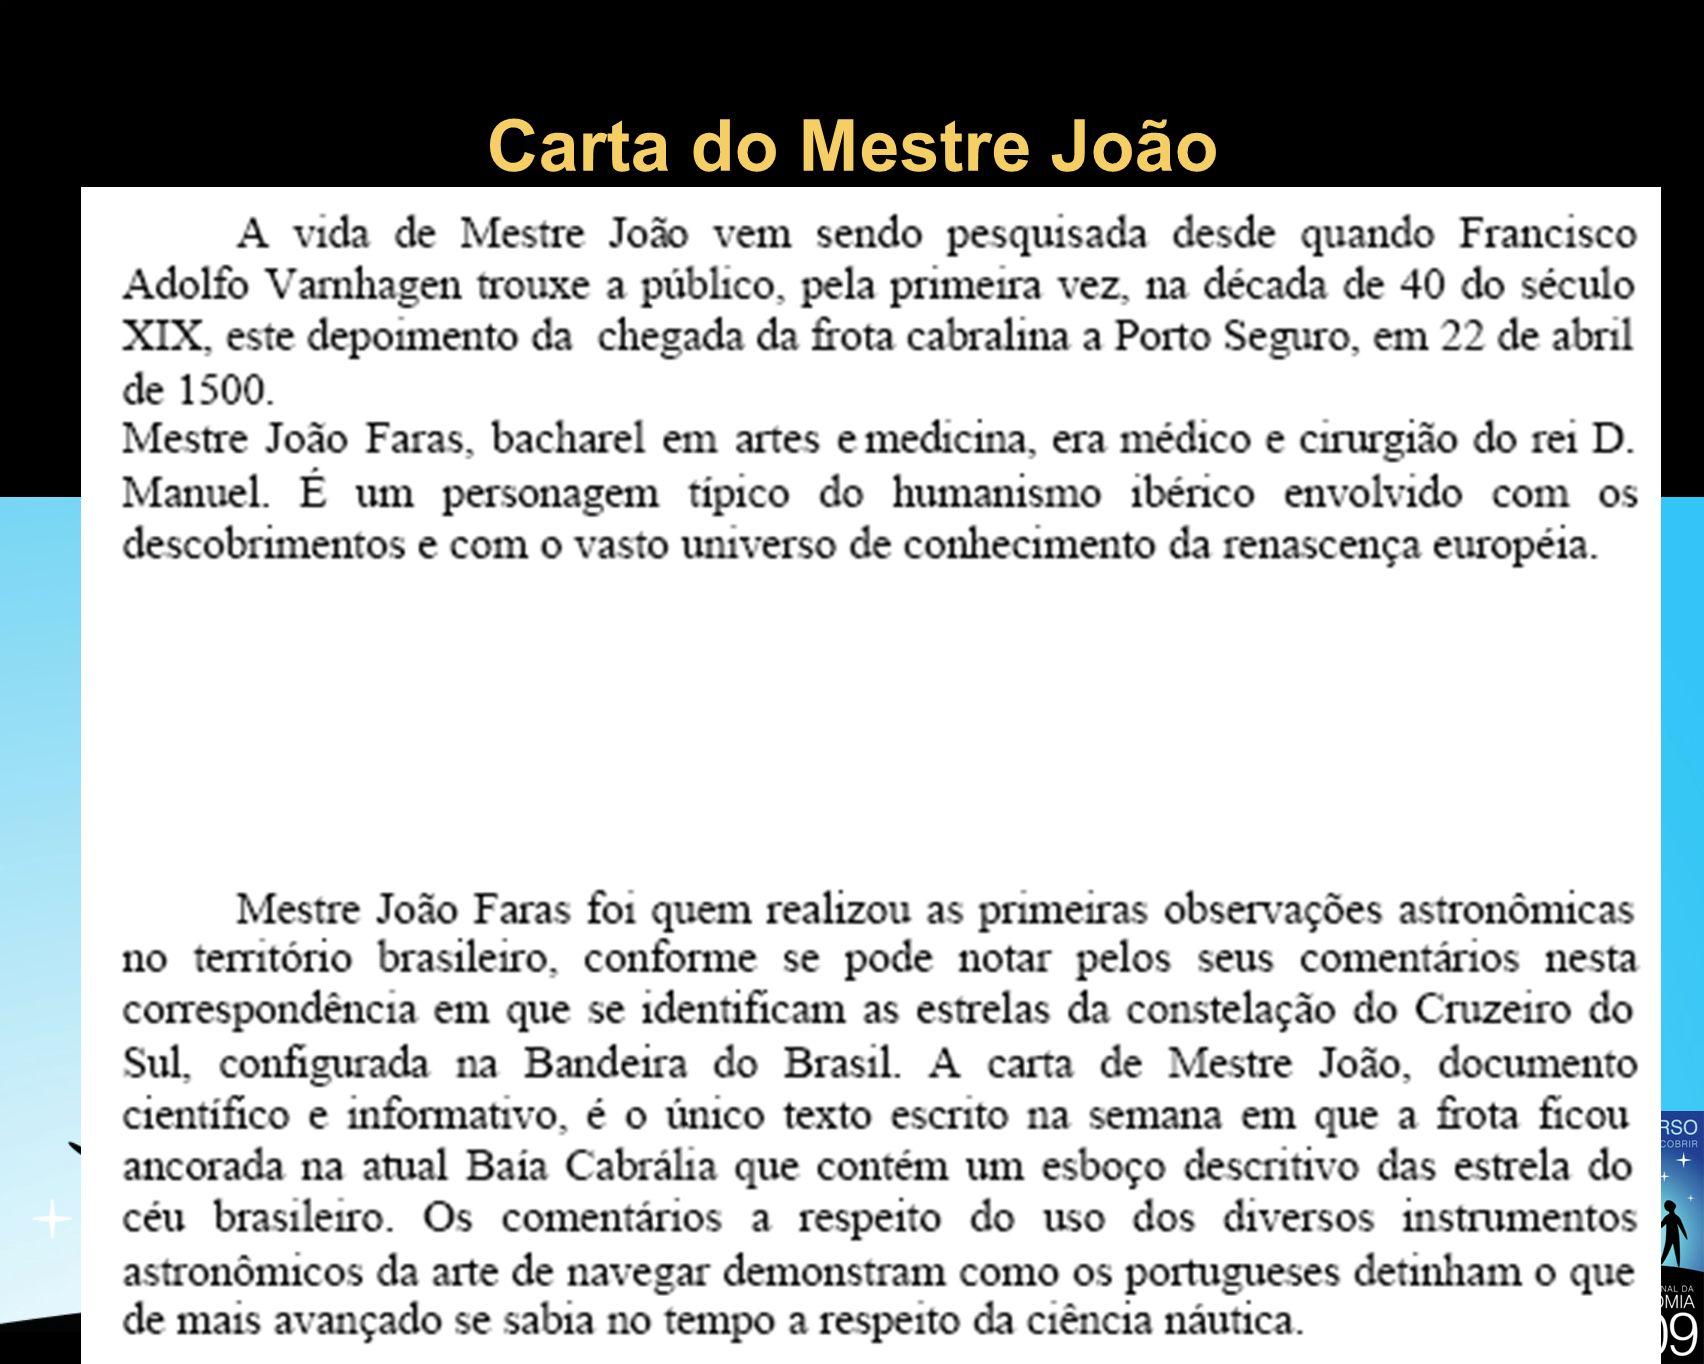 Carta do Mestre João 14